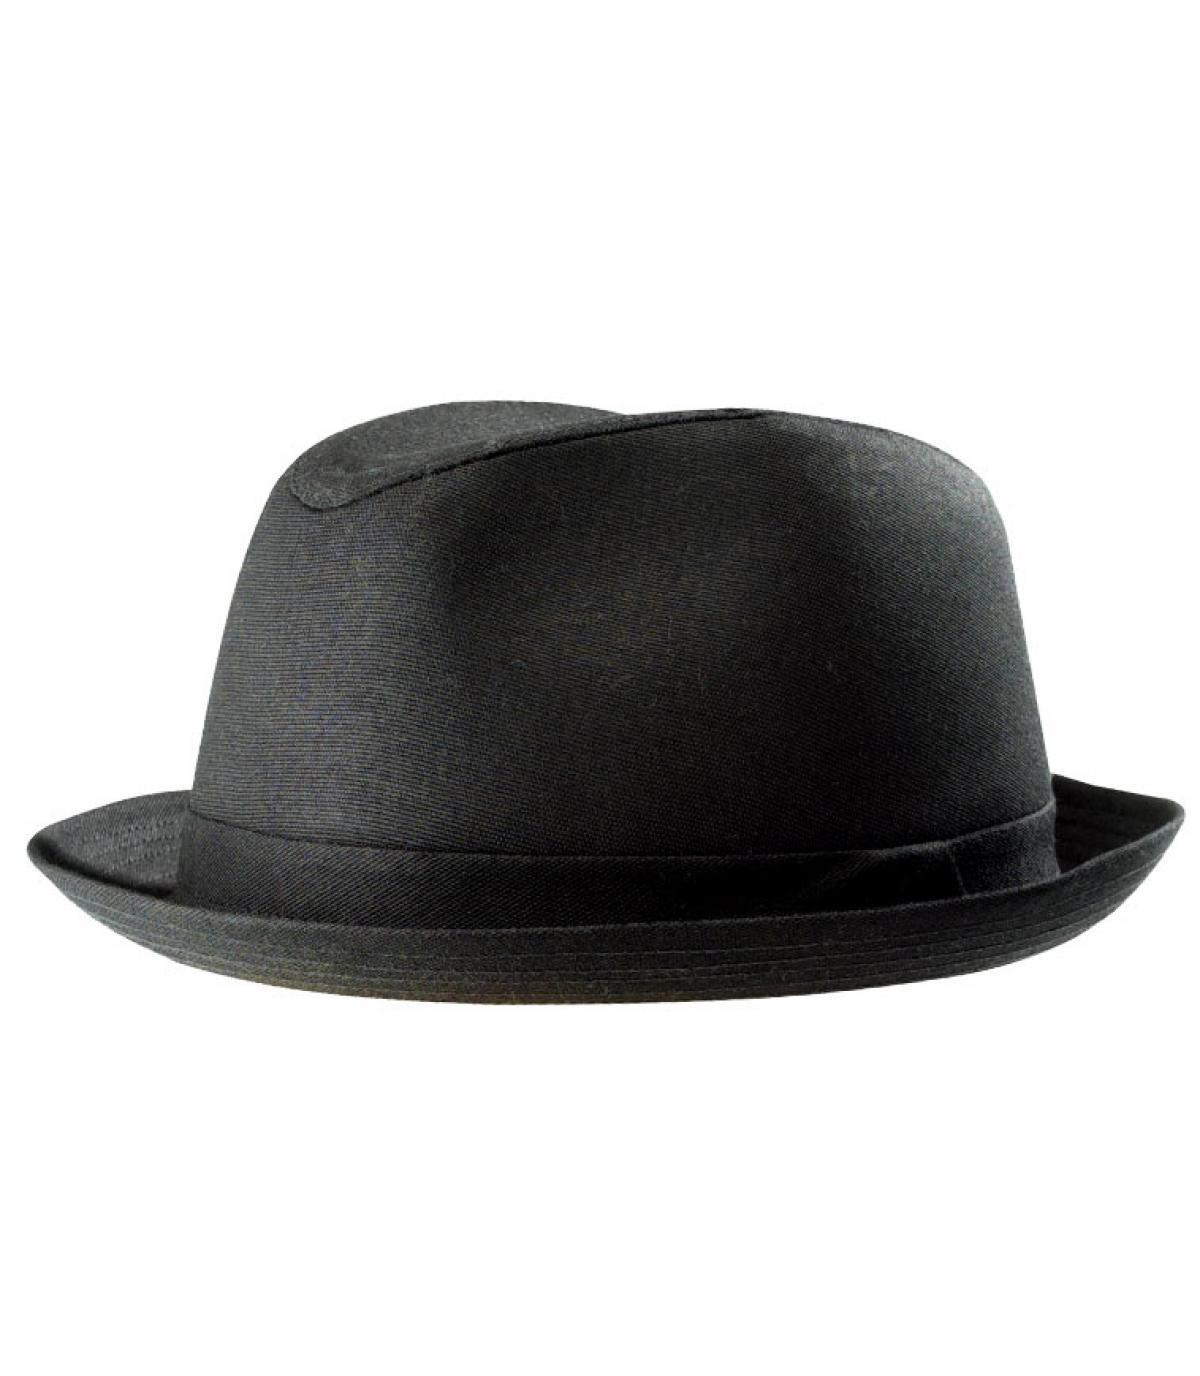 Cappello uomo Stetson